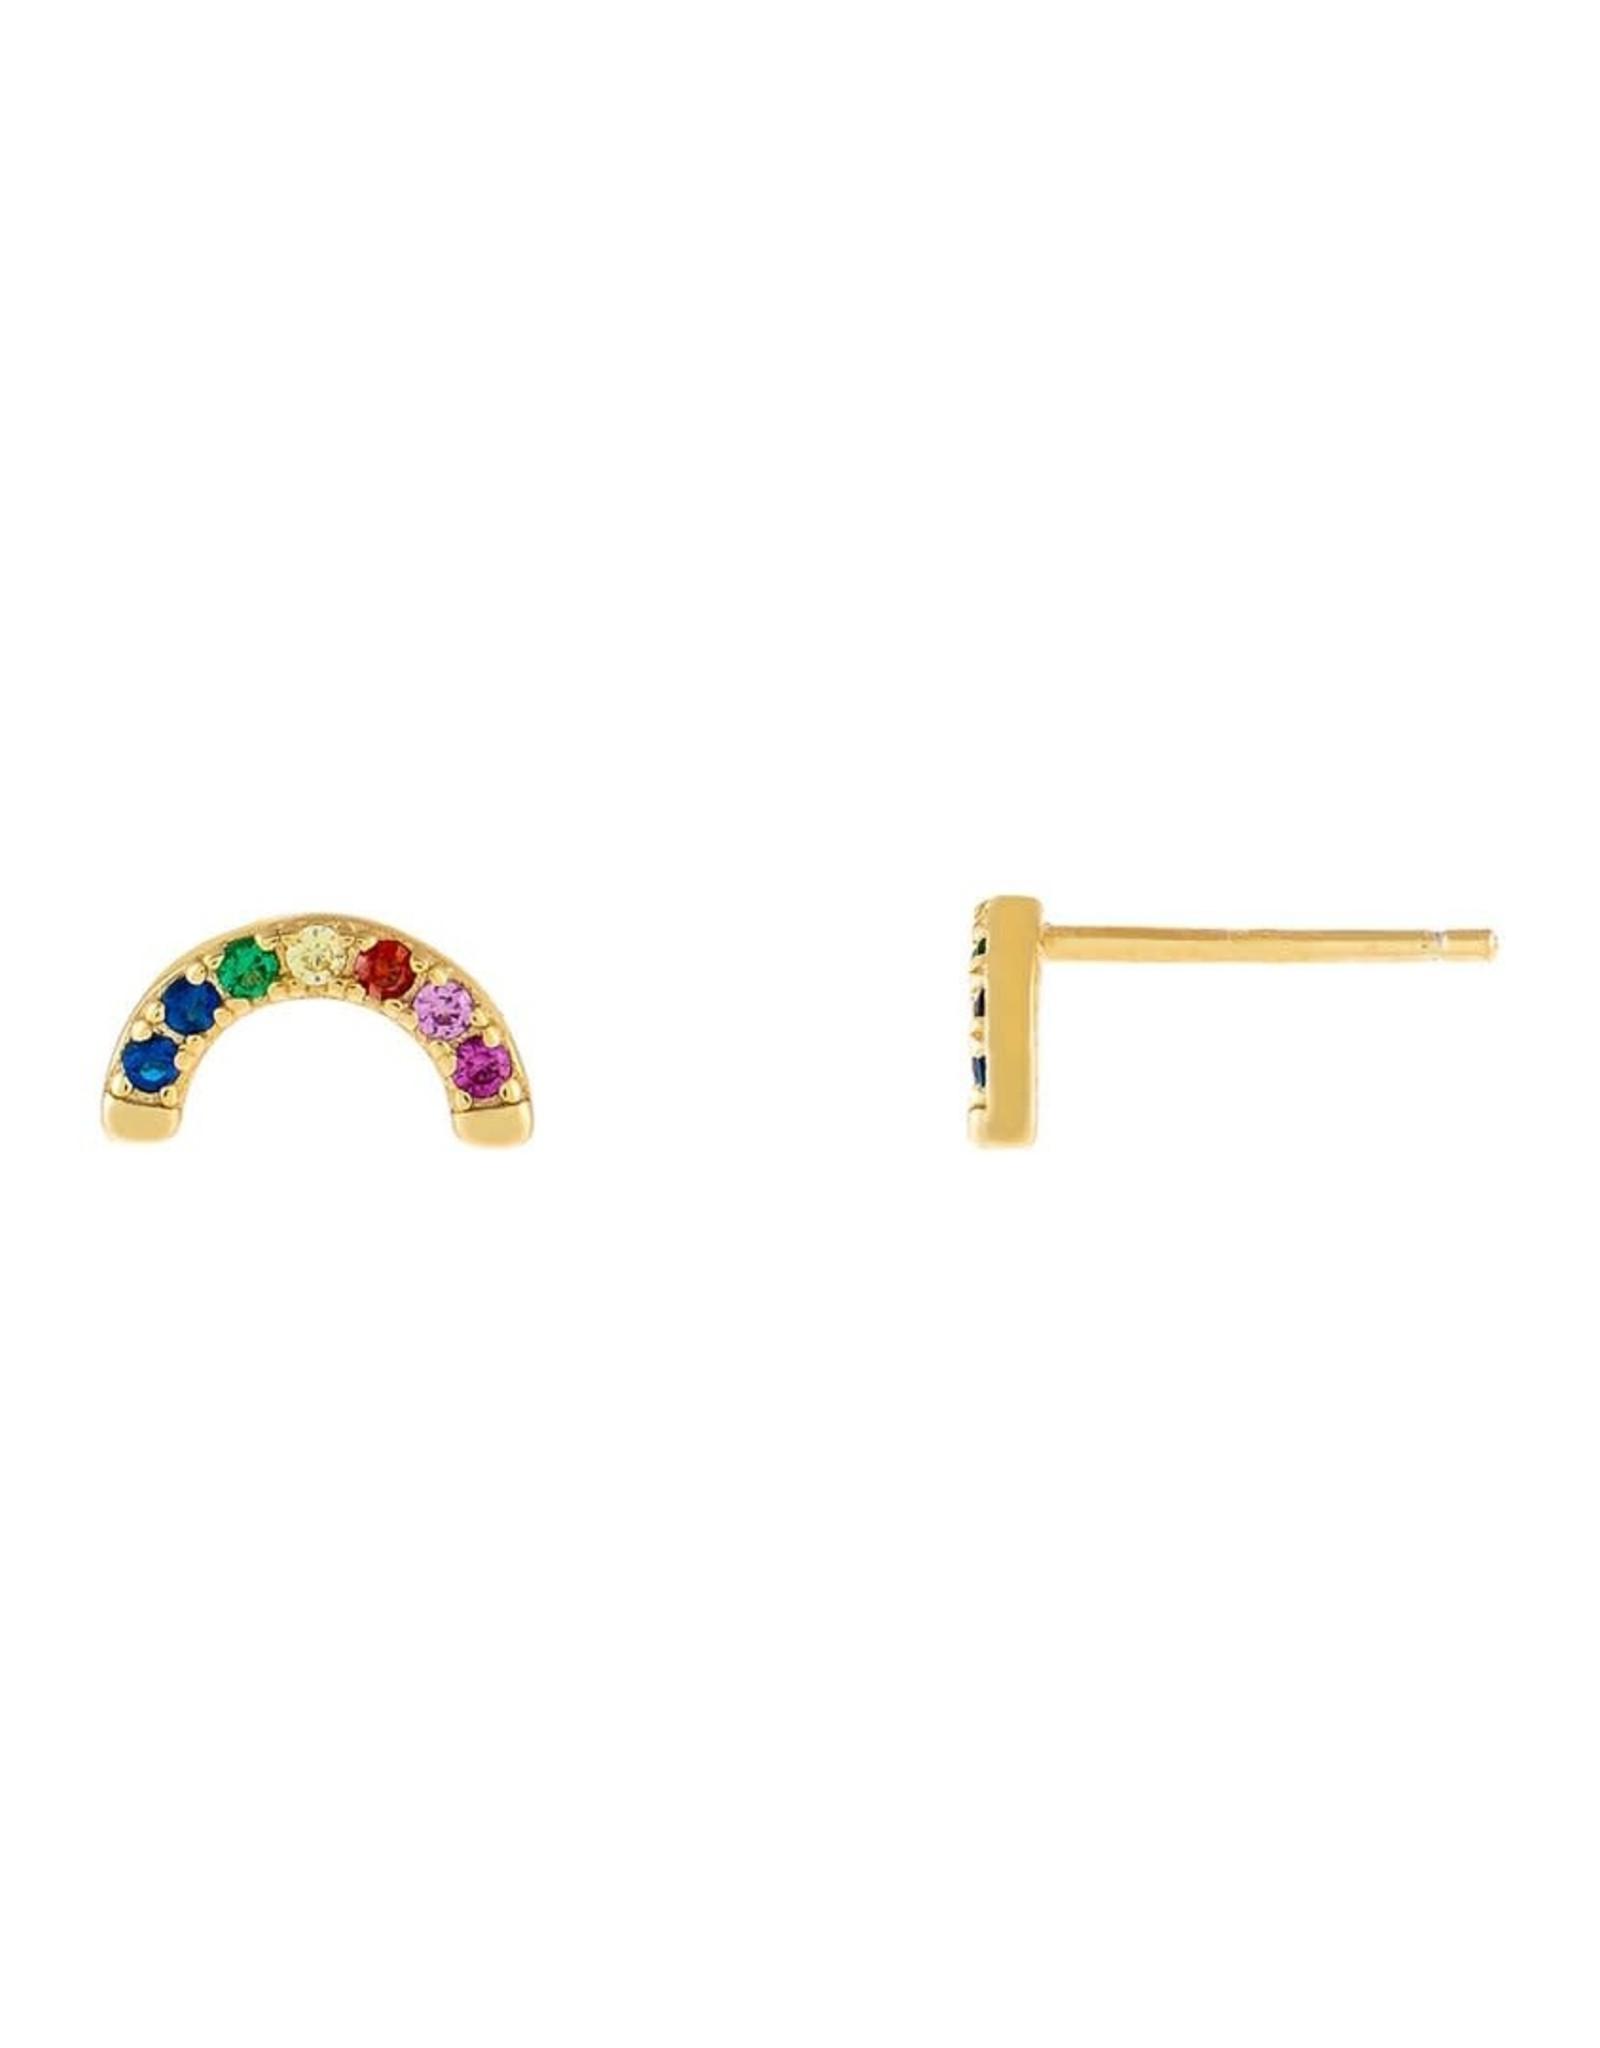 Adinas CZ Rainbow Half Circle Stud Earrings